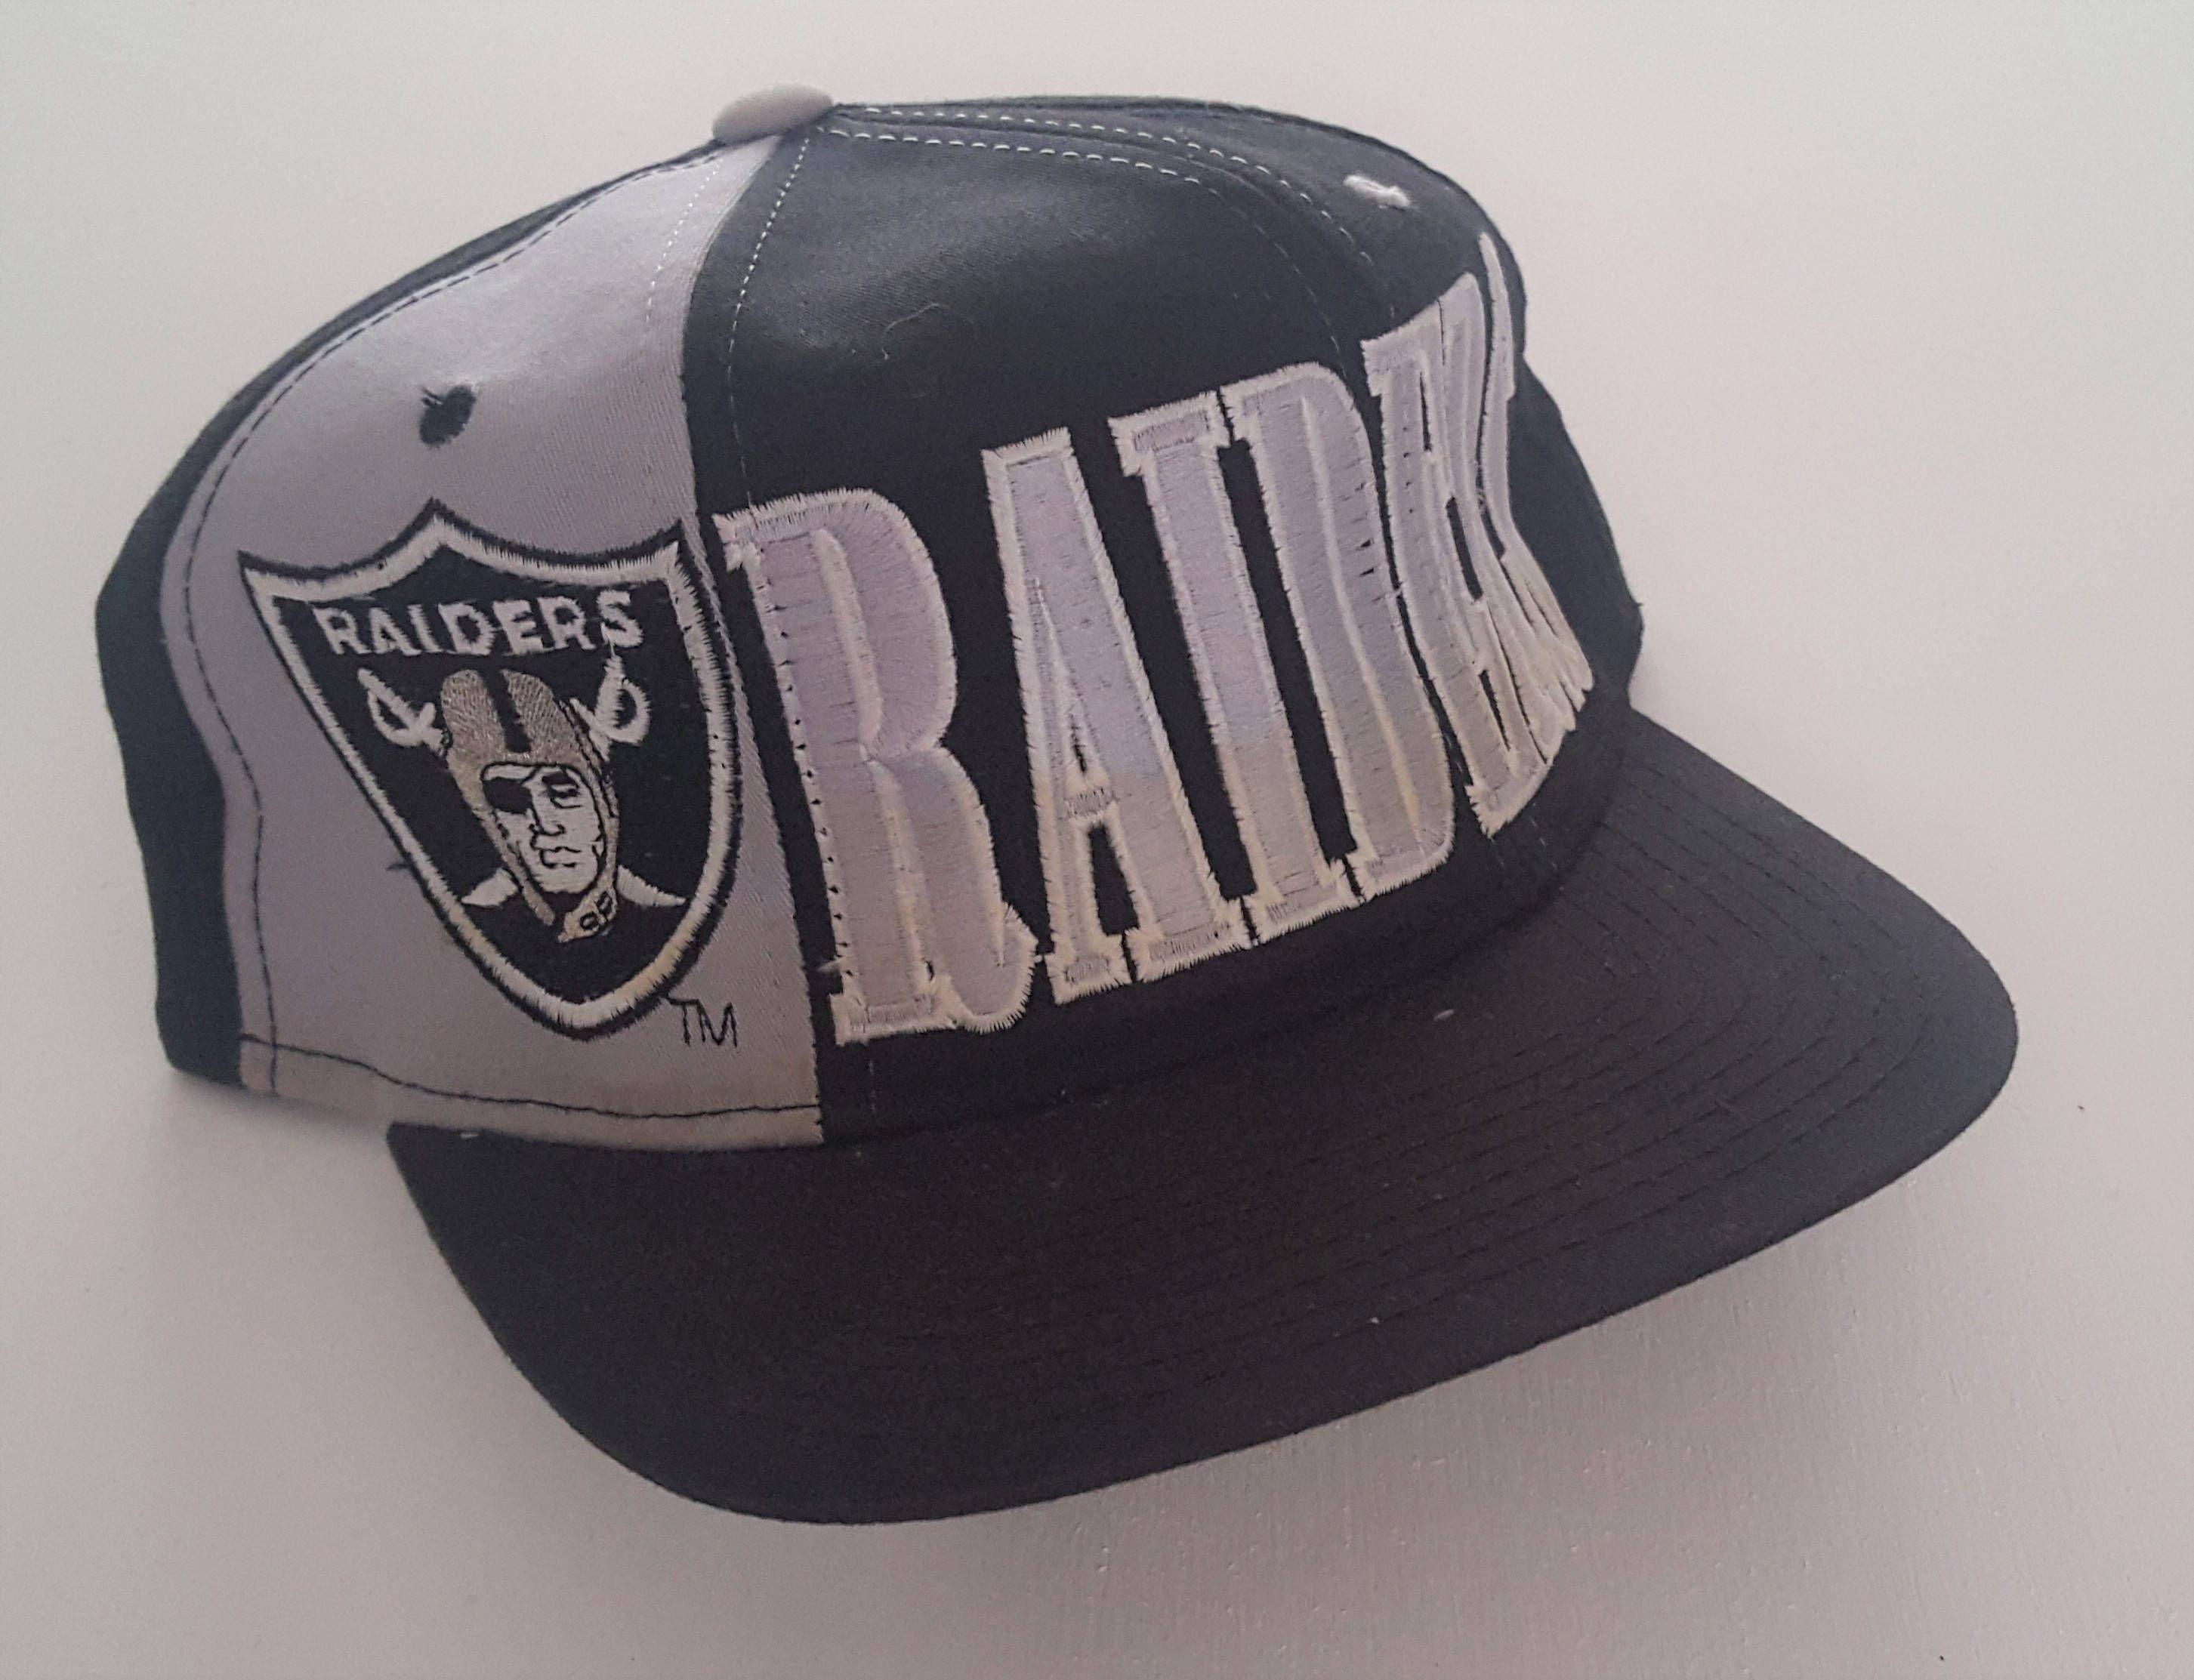 Vintage Los Angeles Raiders American Needle Snapback Hat NFL VTG by  StreetwearAndVintage on Etsy  72b8c7ce8fd3